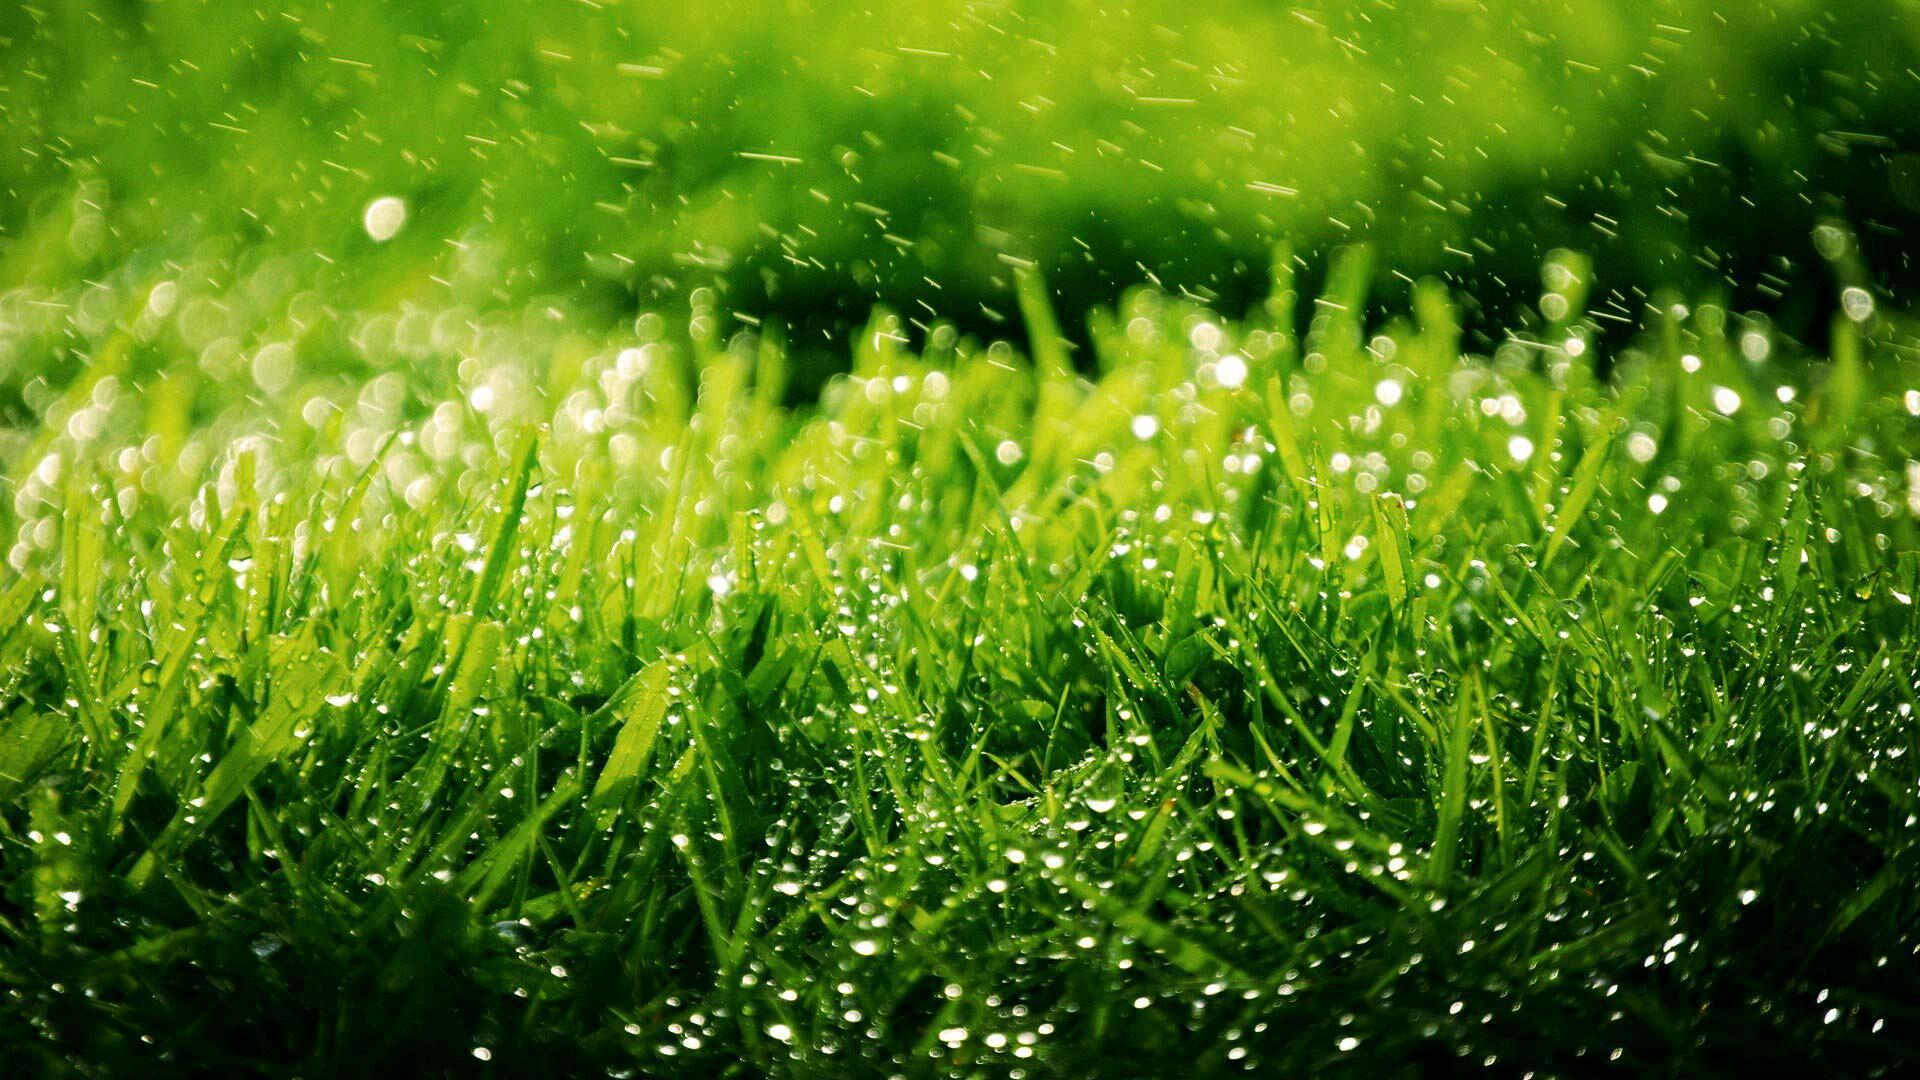 绿色清新稻苗护眼壁纸风景桌面_新浪看点